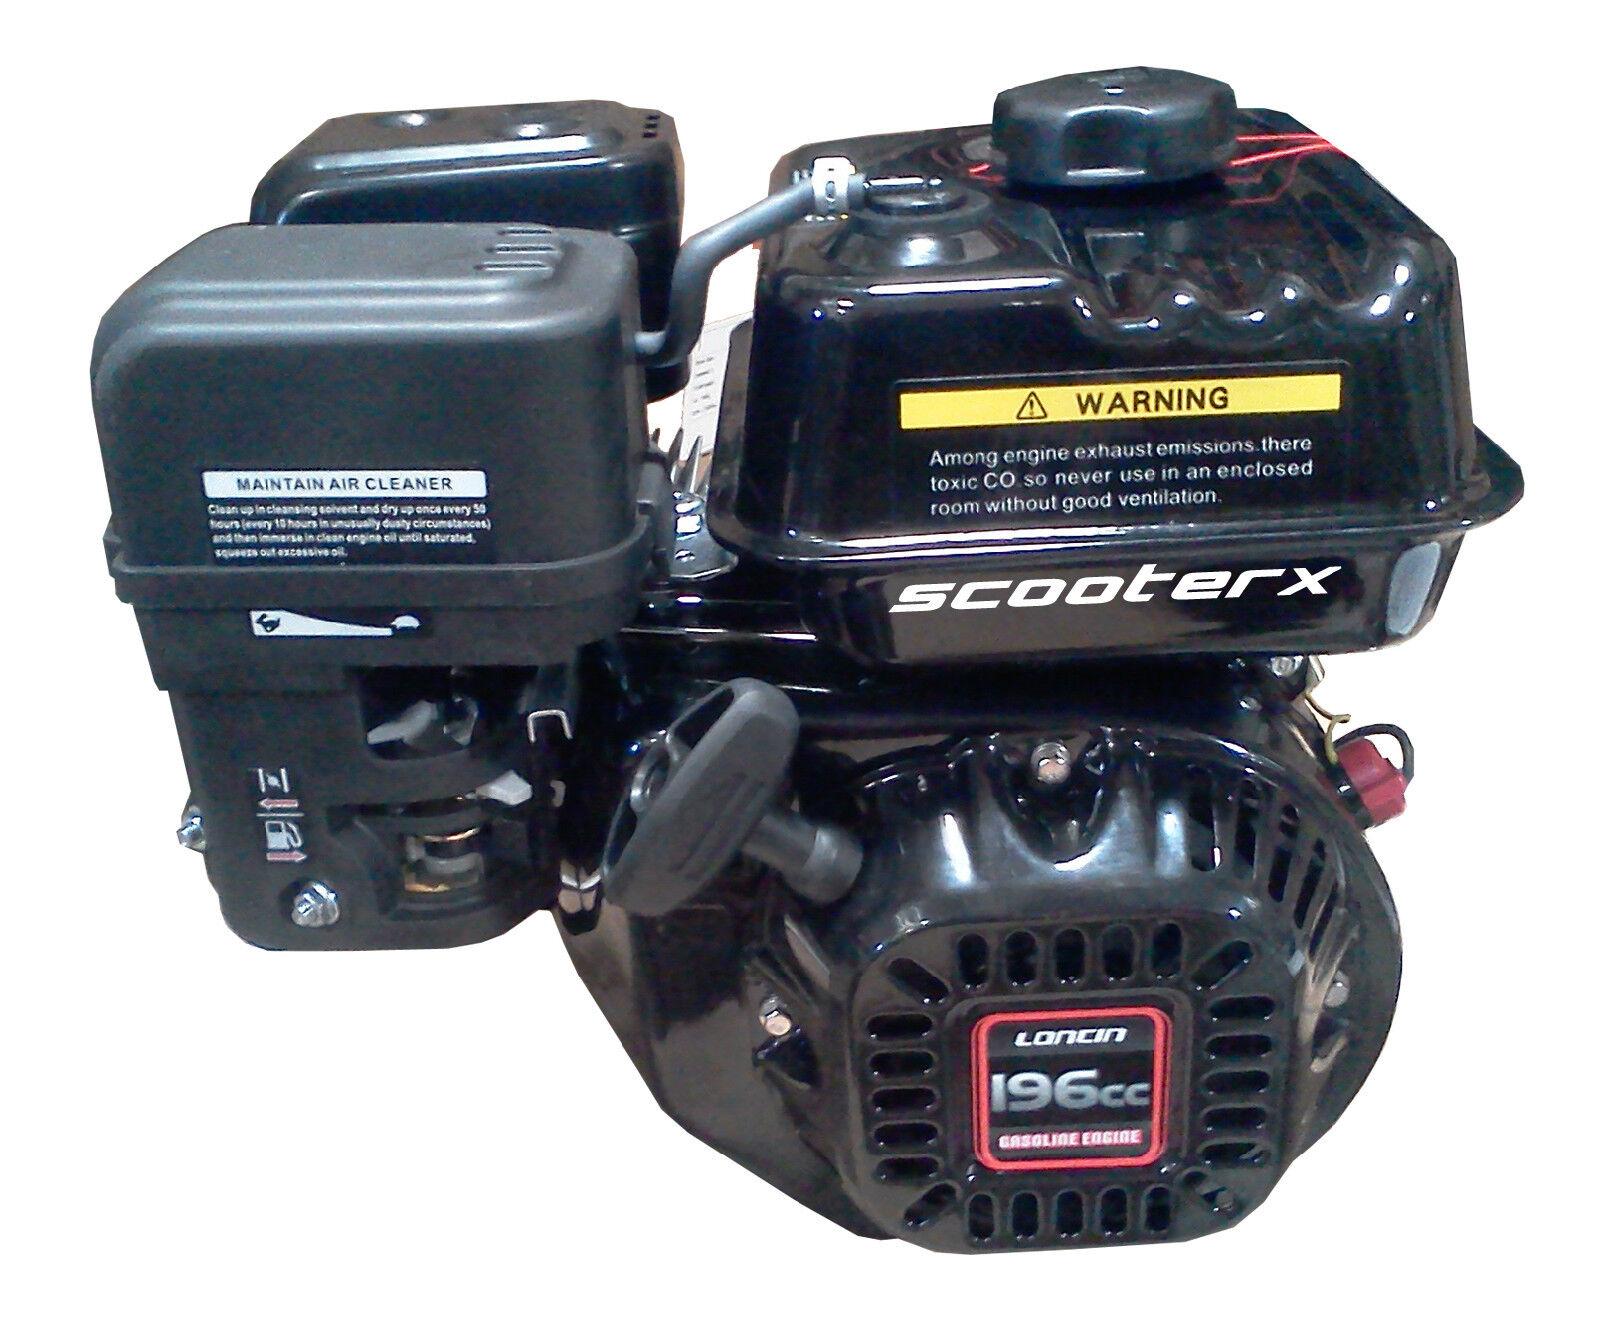 Motor de gas gasolina motor de gasolina 196cc 6.5hp 3 4  Hoja shrdder Madera Desbrozadora Nuevo